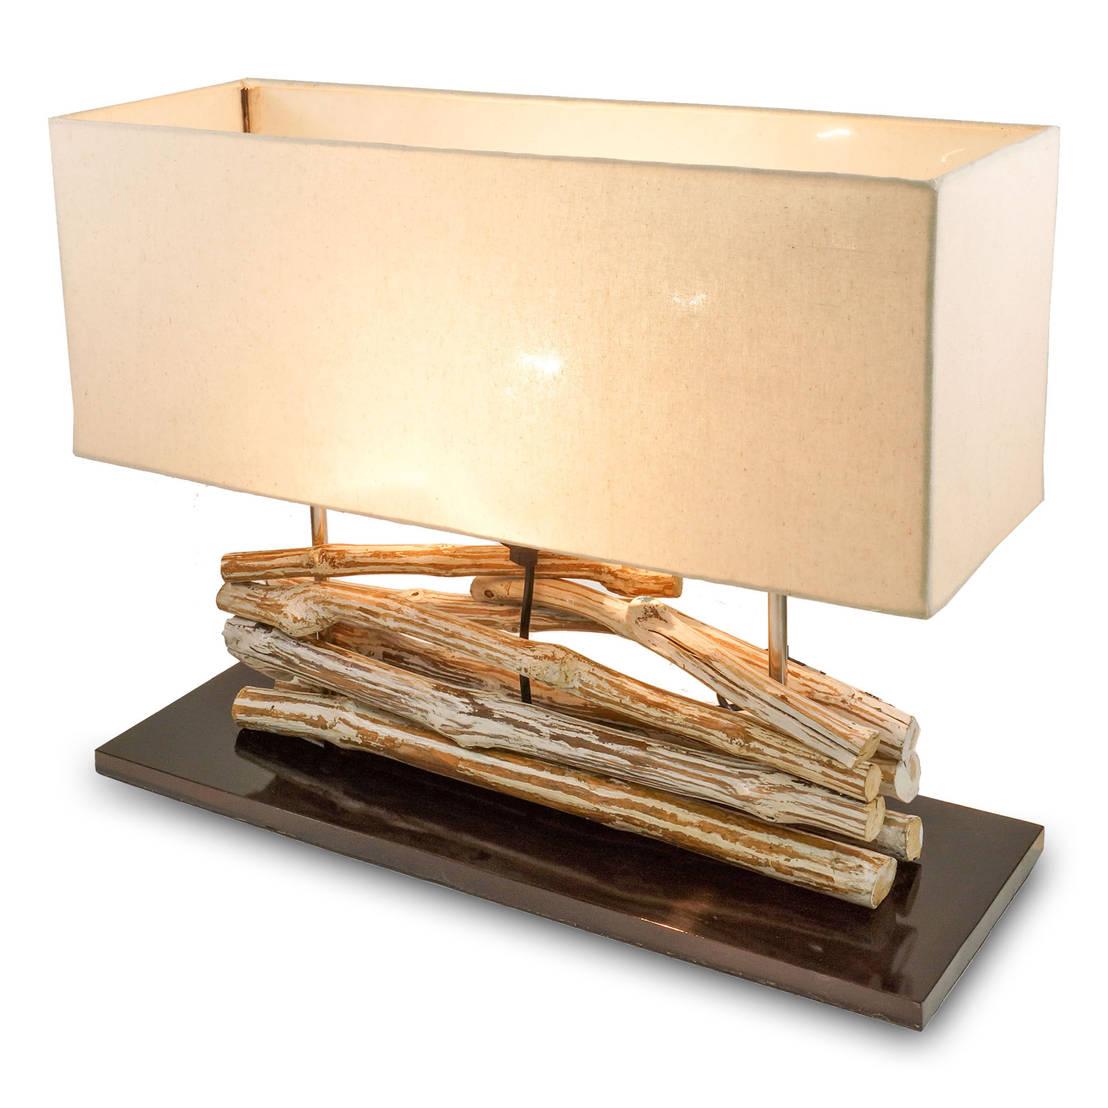 faszinierende symbiose aus natur und licht. Black Bedroom Furniture Sets. Home Design Ideas